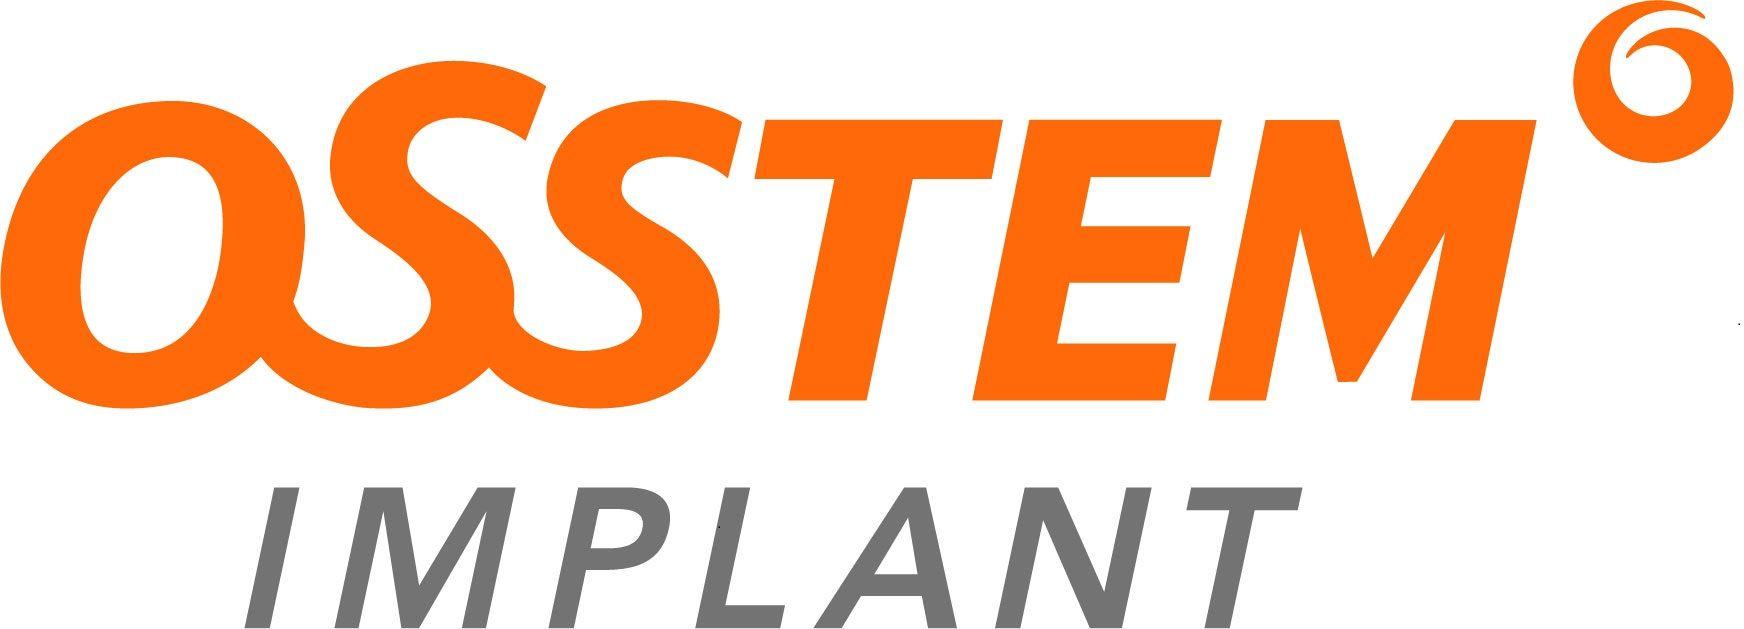 Osstem & Hiossen Implants UK